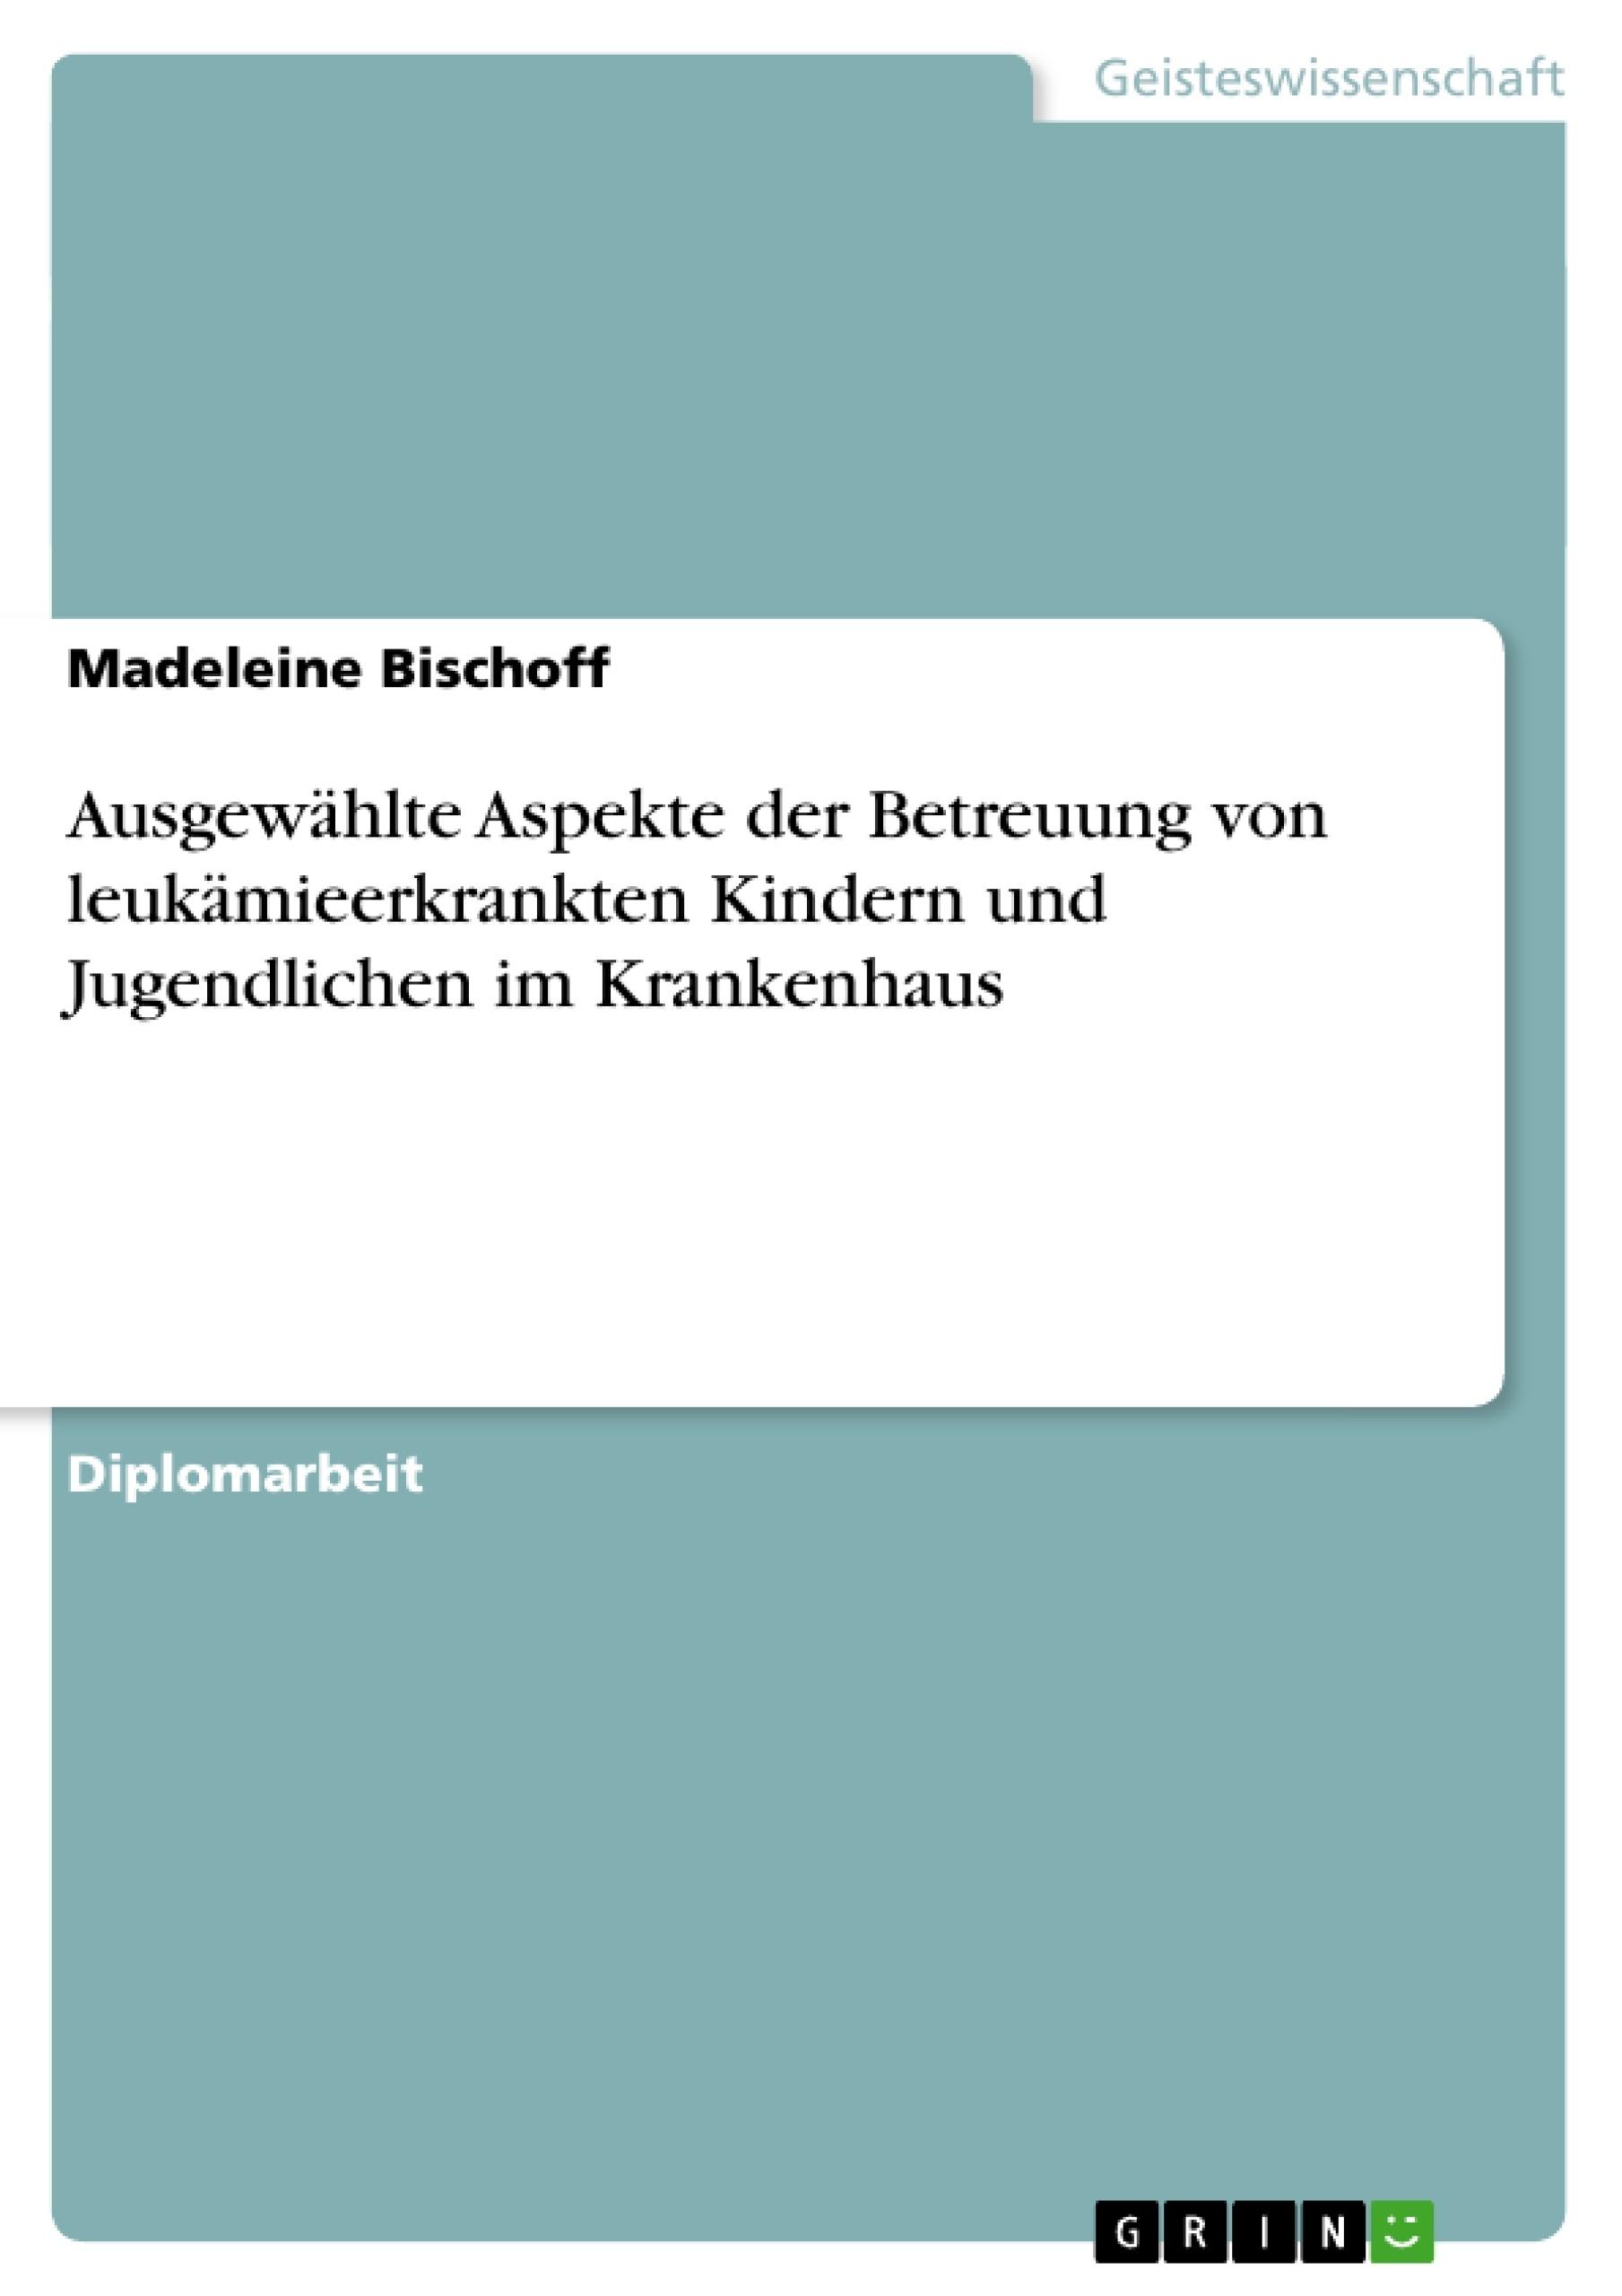 Titel: Ausgewählte Aspekte der Betreuung von leukämieerkrankten Kindern und Jugendlichen im Krankenhaus